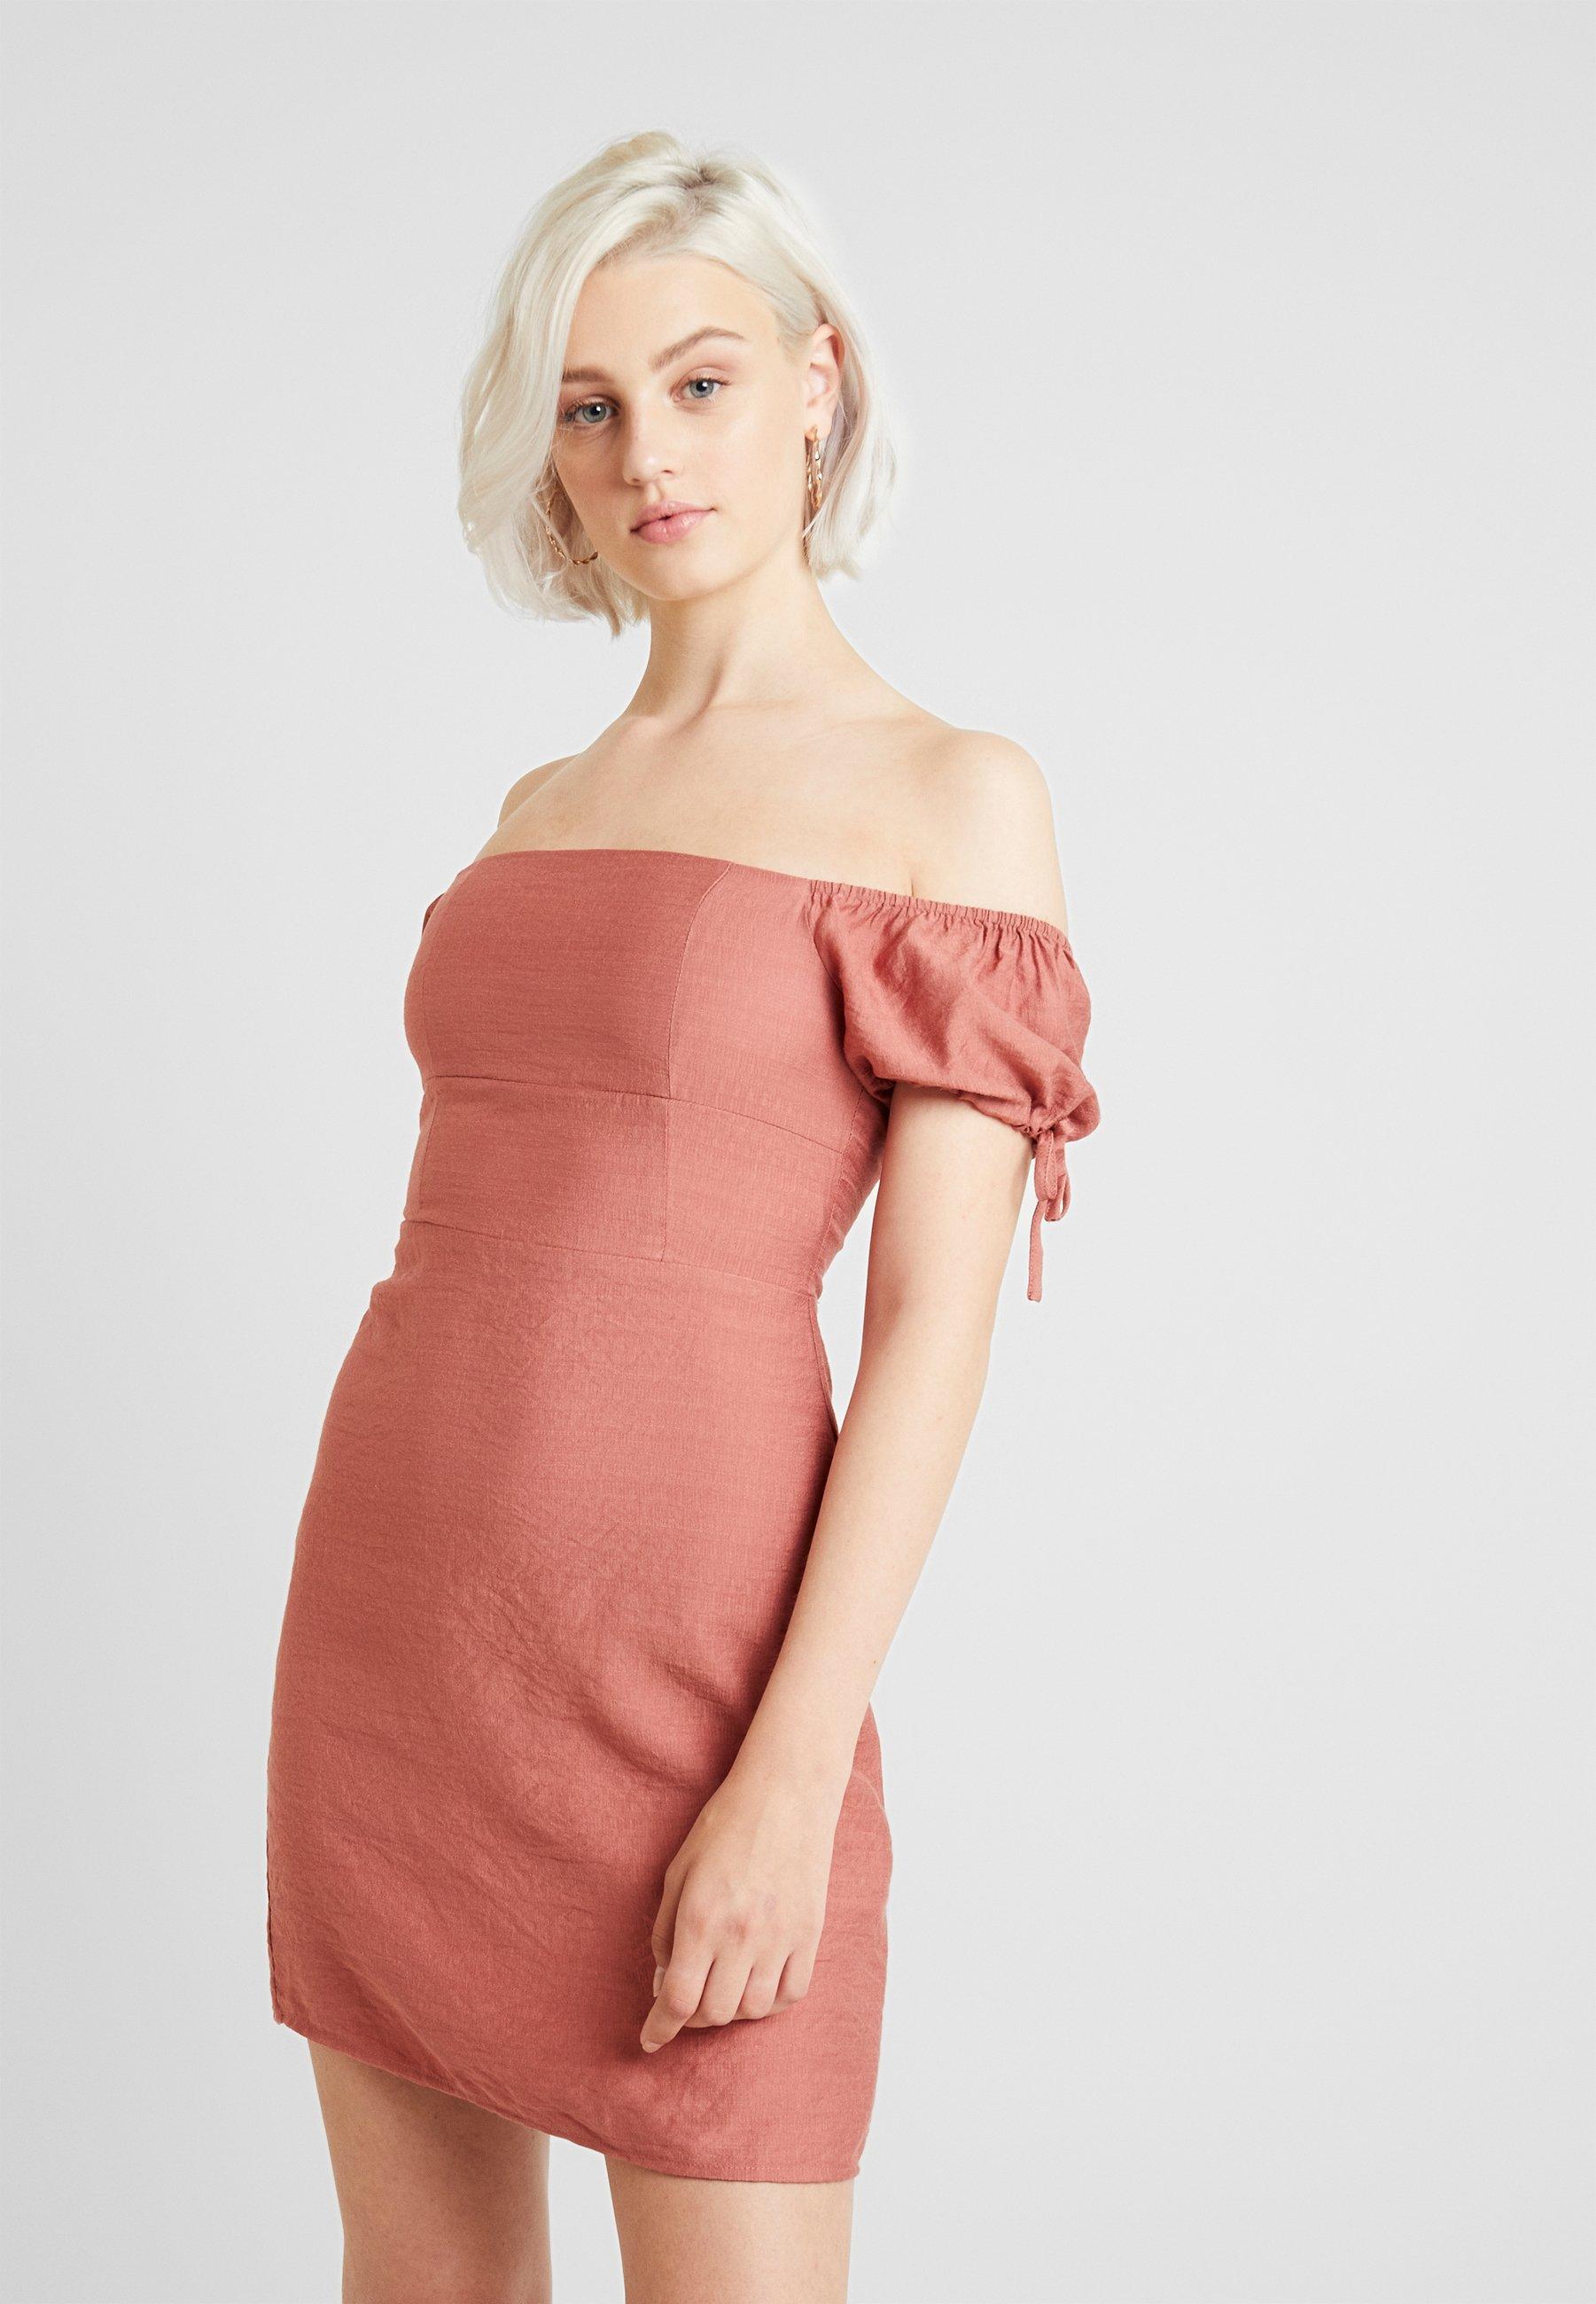 D'étéDark Glamorous Rose Robe Glamorous Robe ALc4Rj3q5